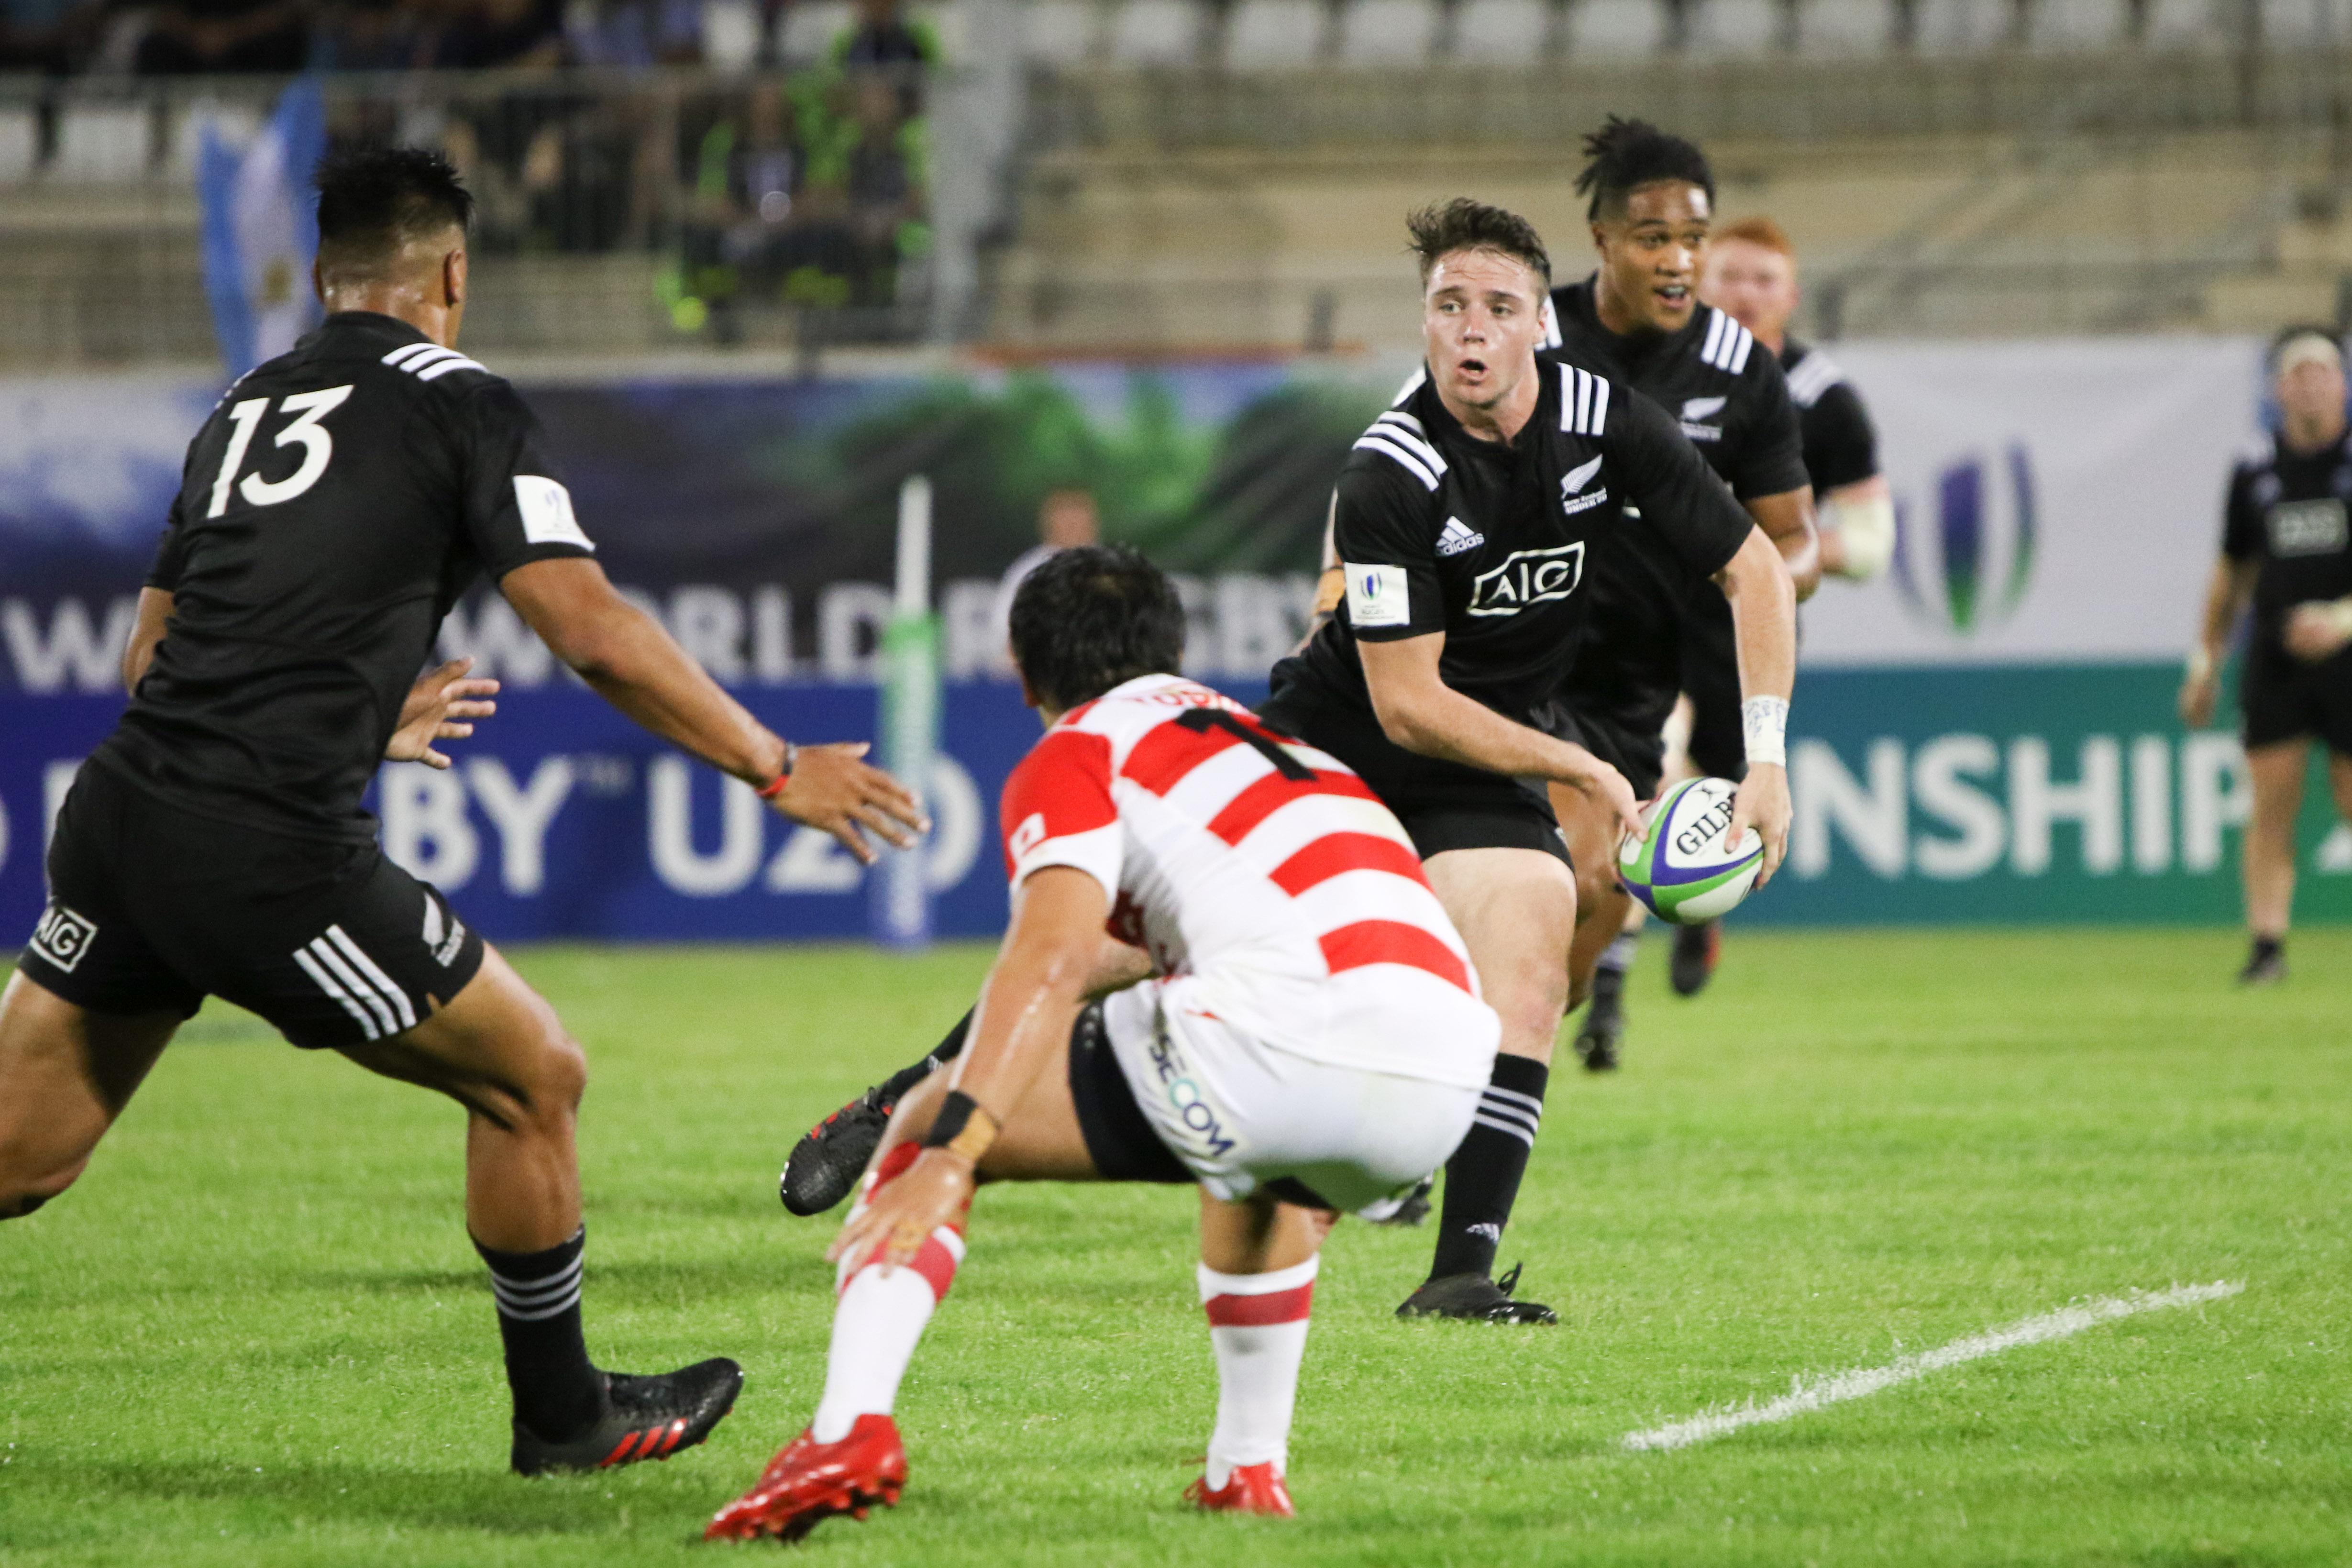 World Rugby U20 Highlights: New Zealand v Japan